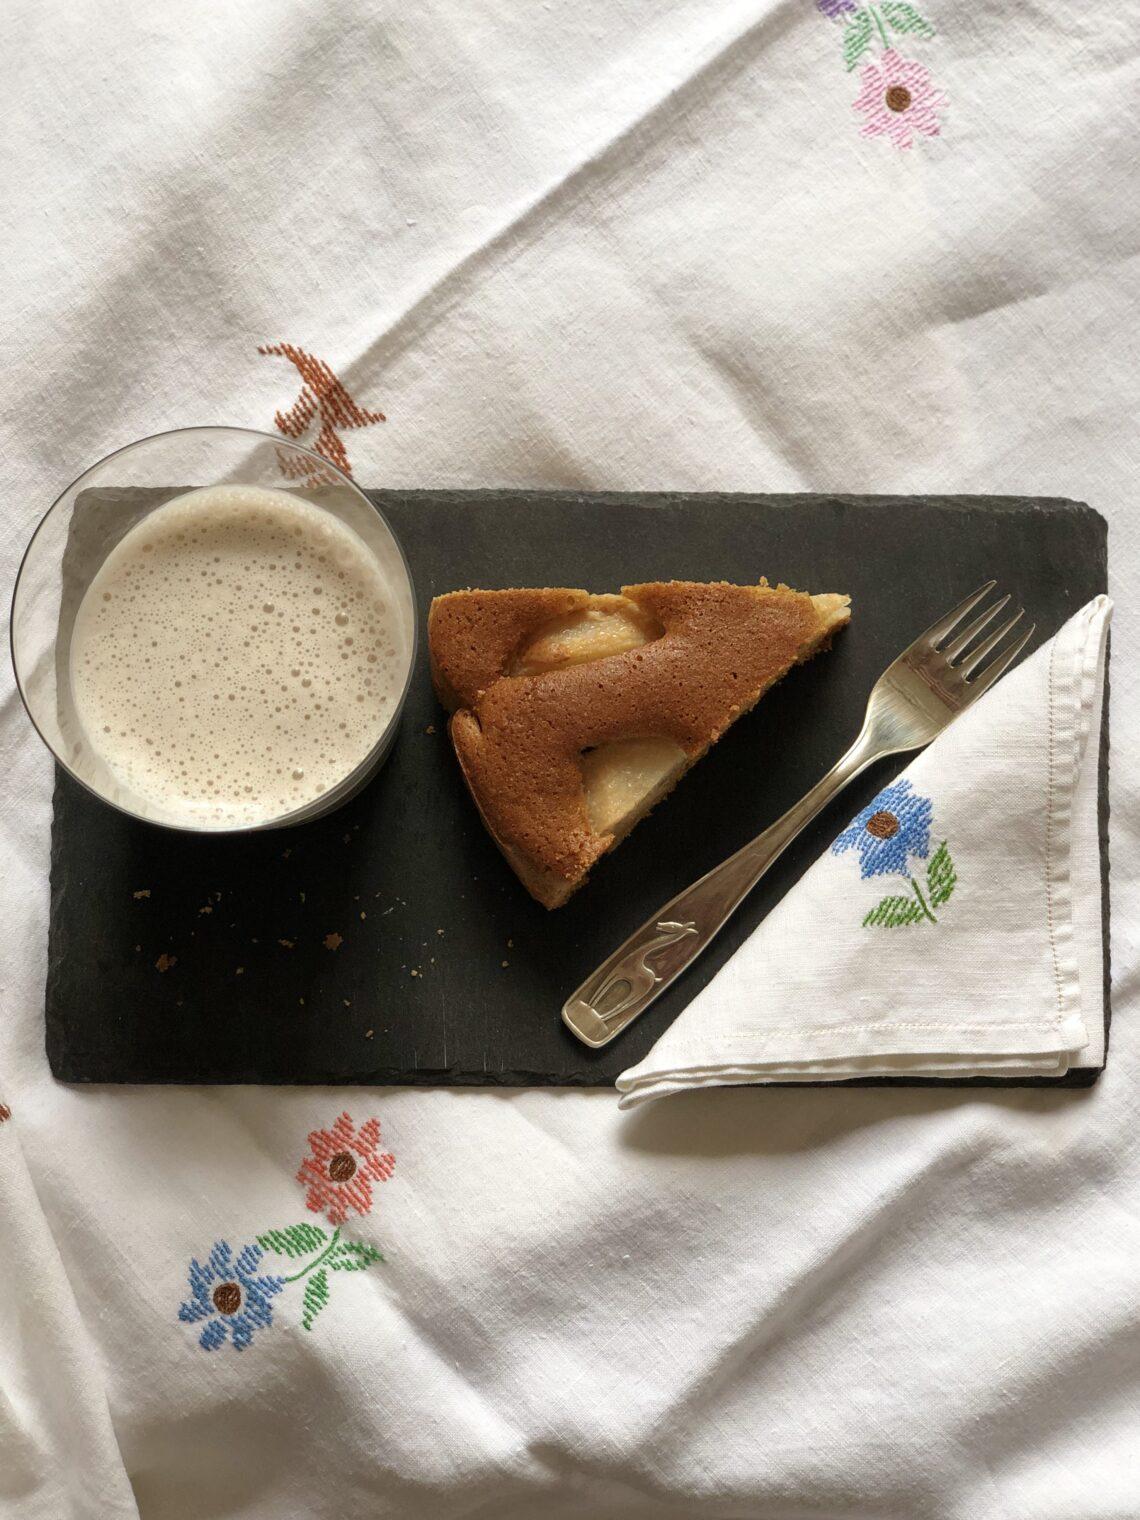 Torta di pere senza latticini e senza lievito, con latte di nocciola e farina di nocciole, con farina di miglio bruno